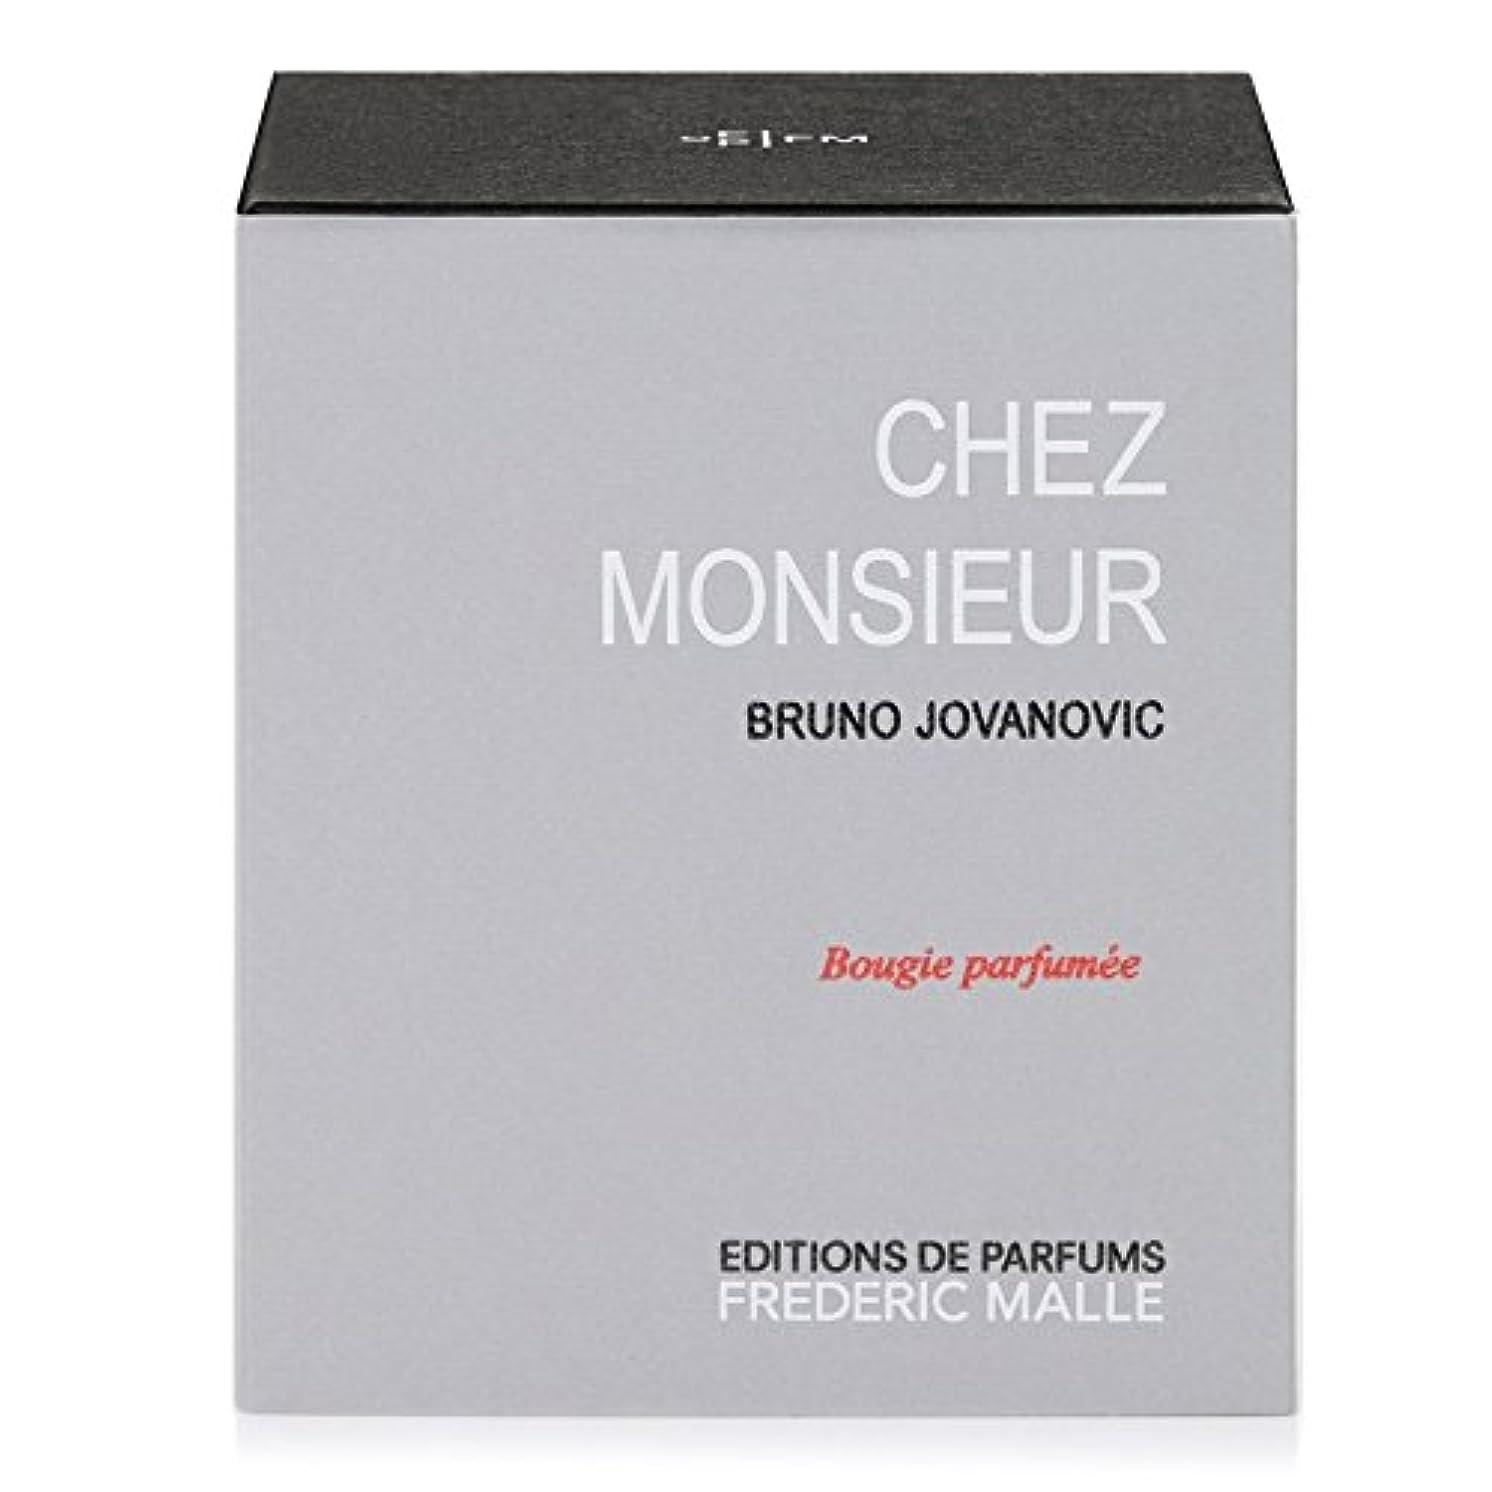 持続的医師キャビンフレデリック?マルシェムッシュ香りのキャンドル220グラム x6 - Frederic Malle Chez Monsieur Scented Candle 220g (Pack of 6) [並行輸入品]